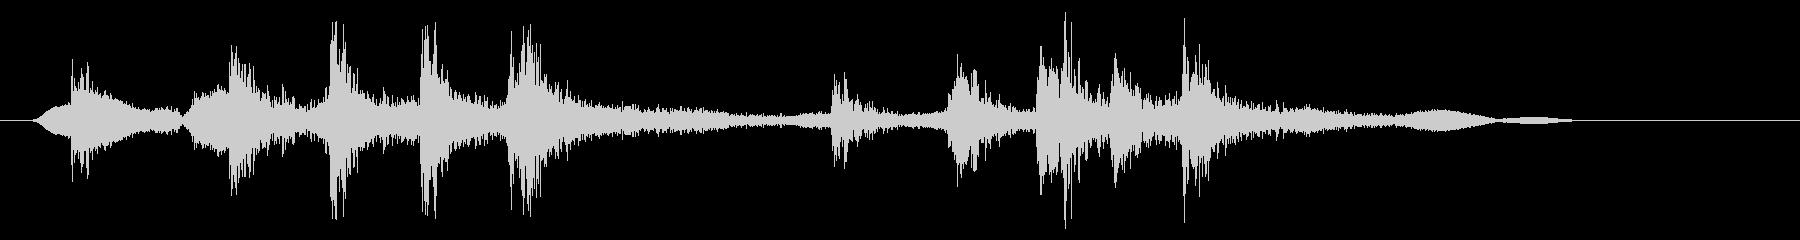 ゼンマイのねじを巻く02の未再生の波形